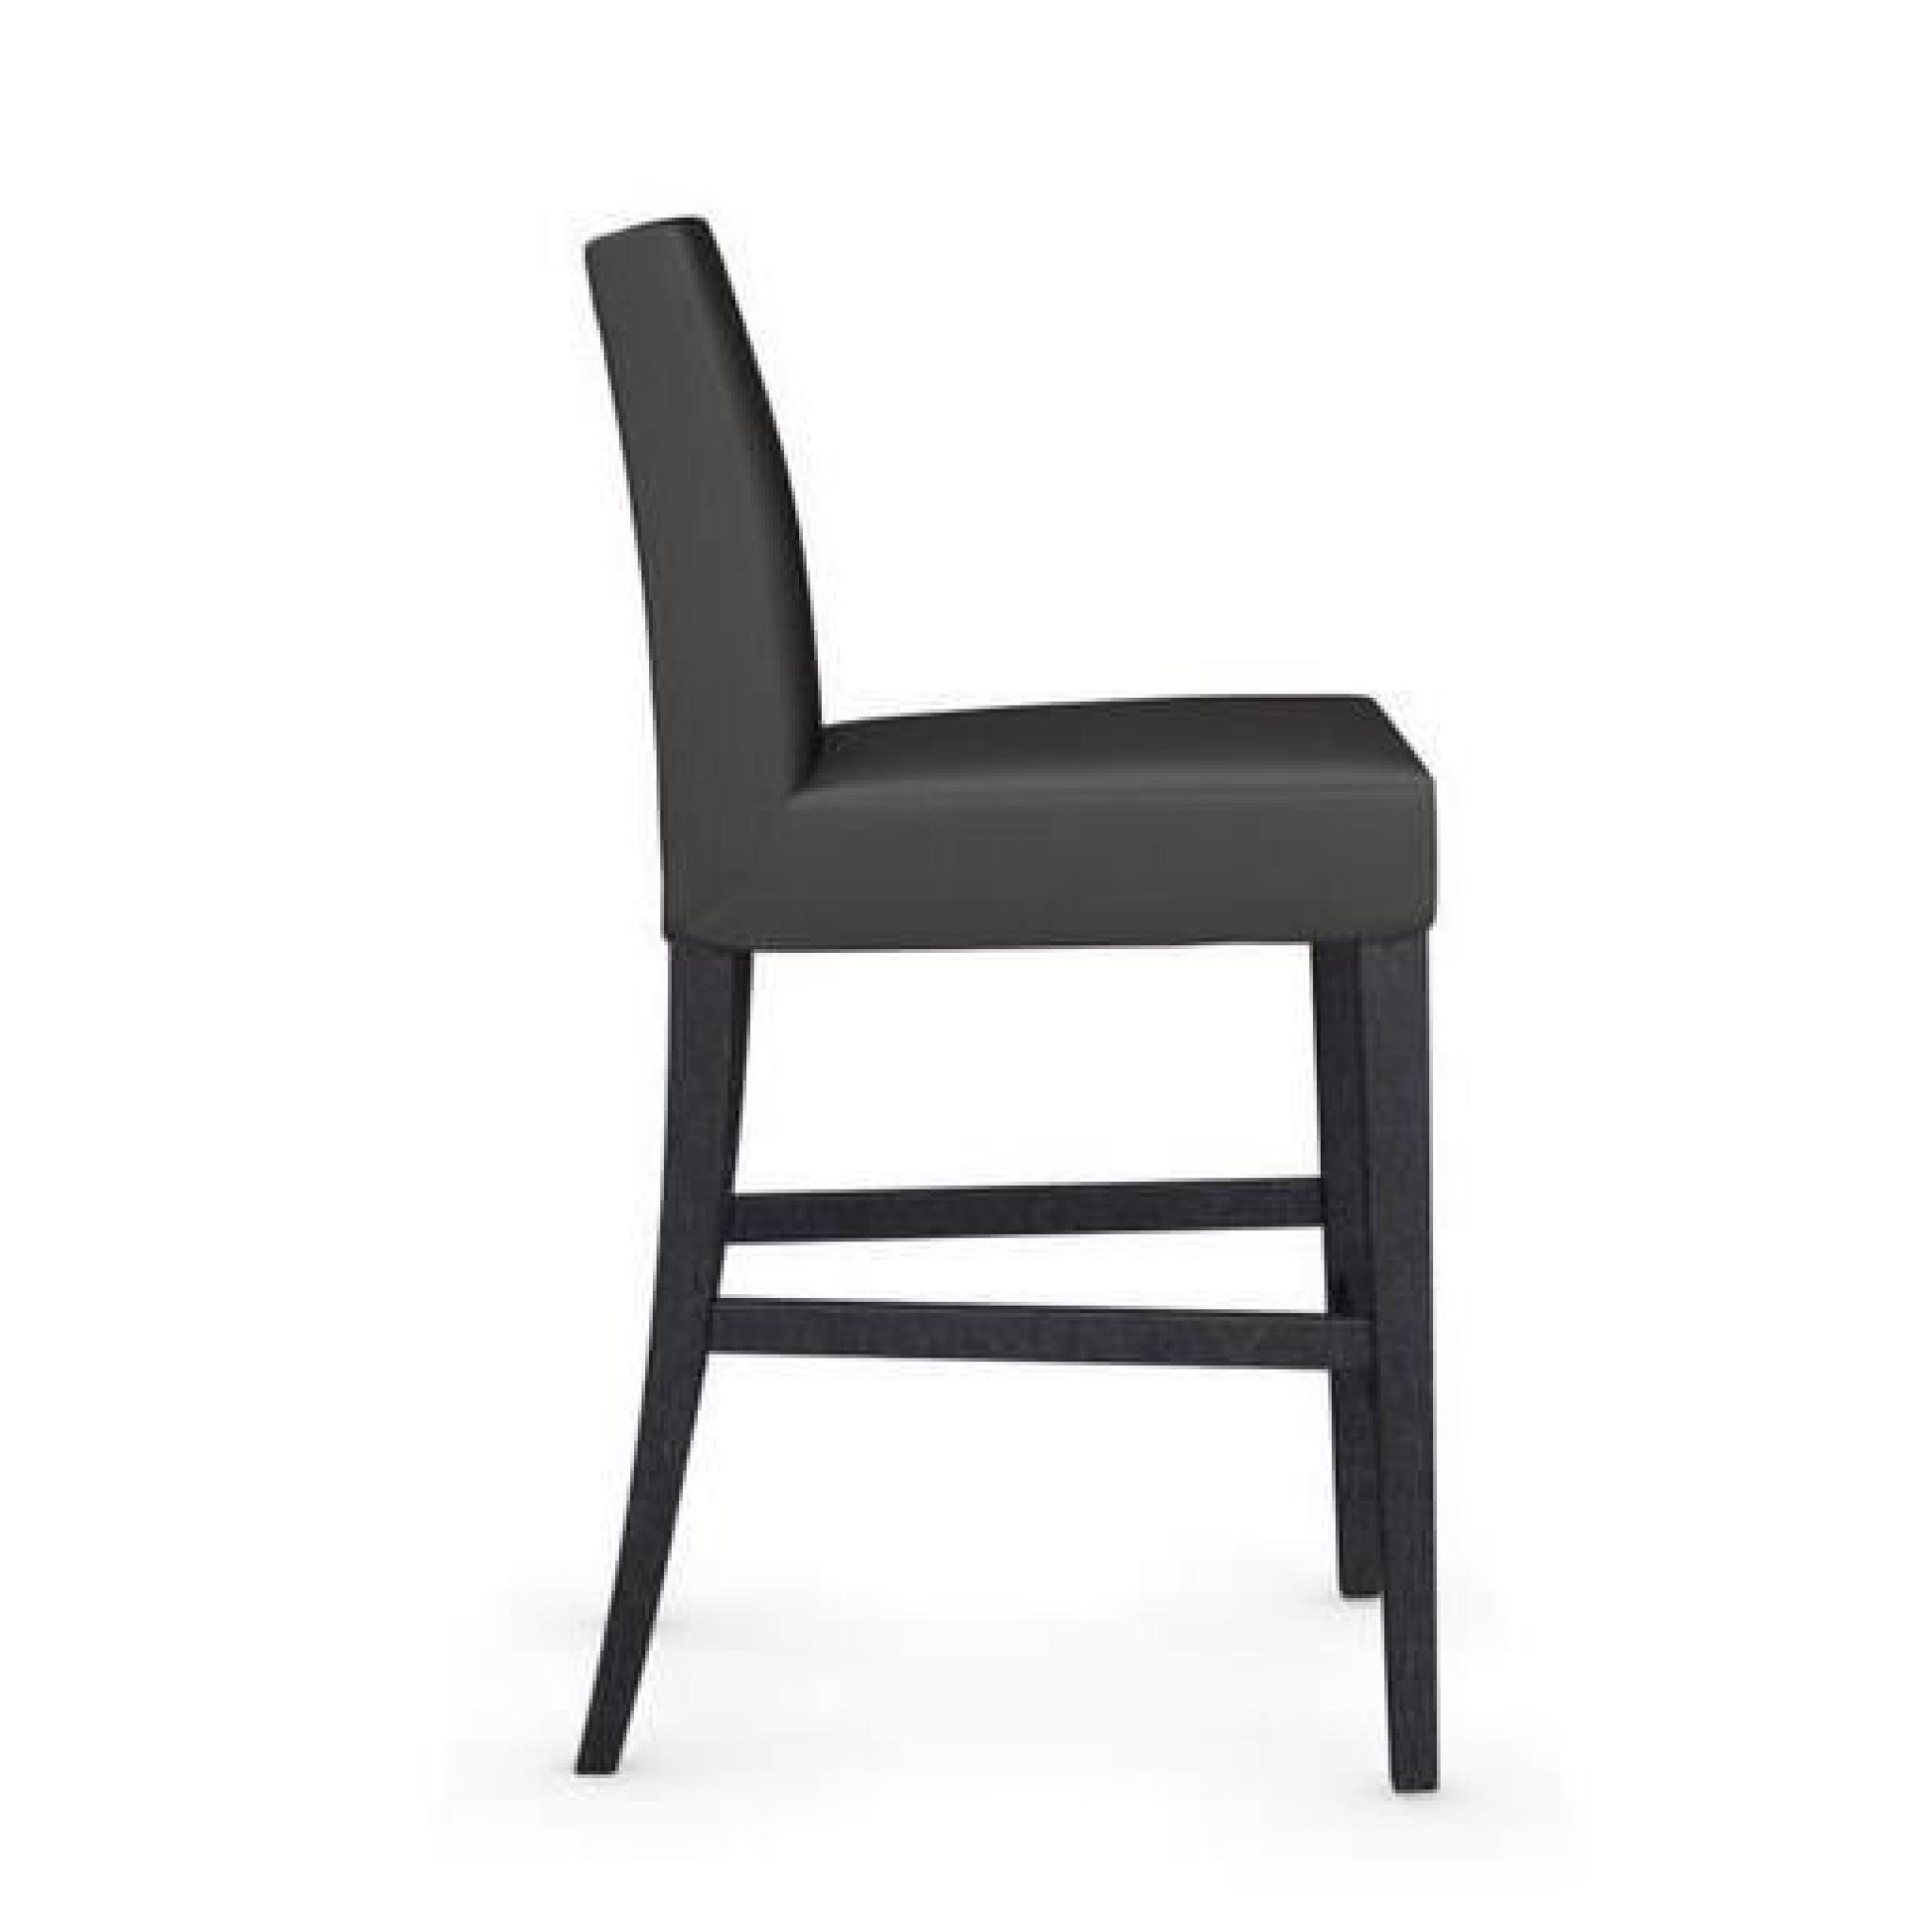 chaise de bar latina de calligaris gris fonc e achat vente tabouret de bar pas cher. Black Bedroom Furniture Sets. Home Design Ideas